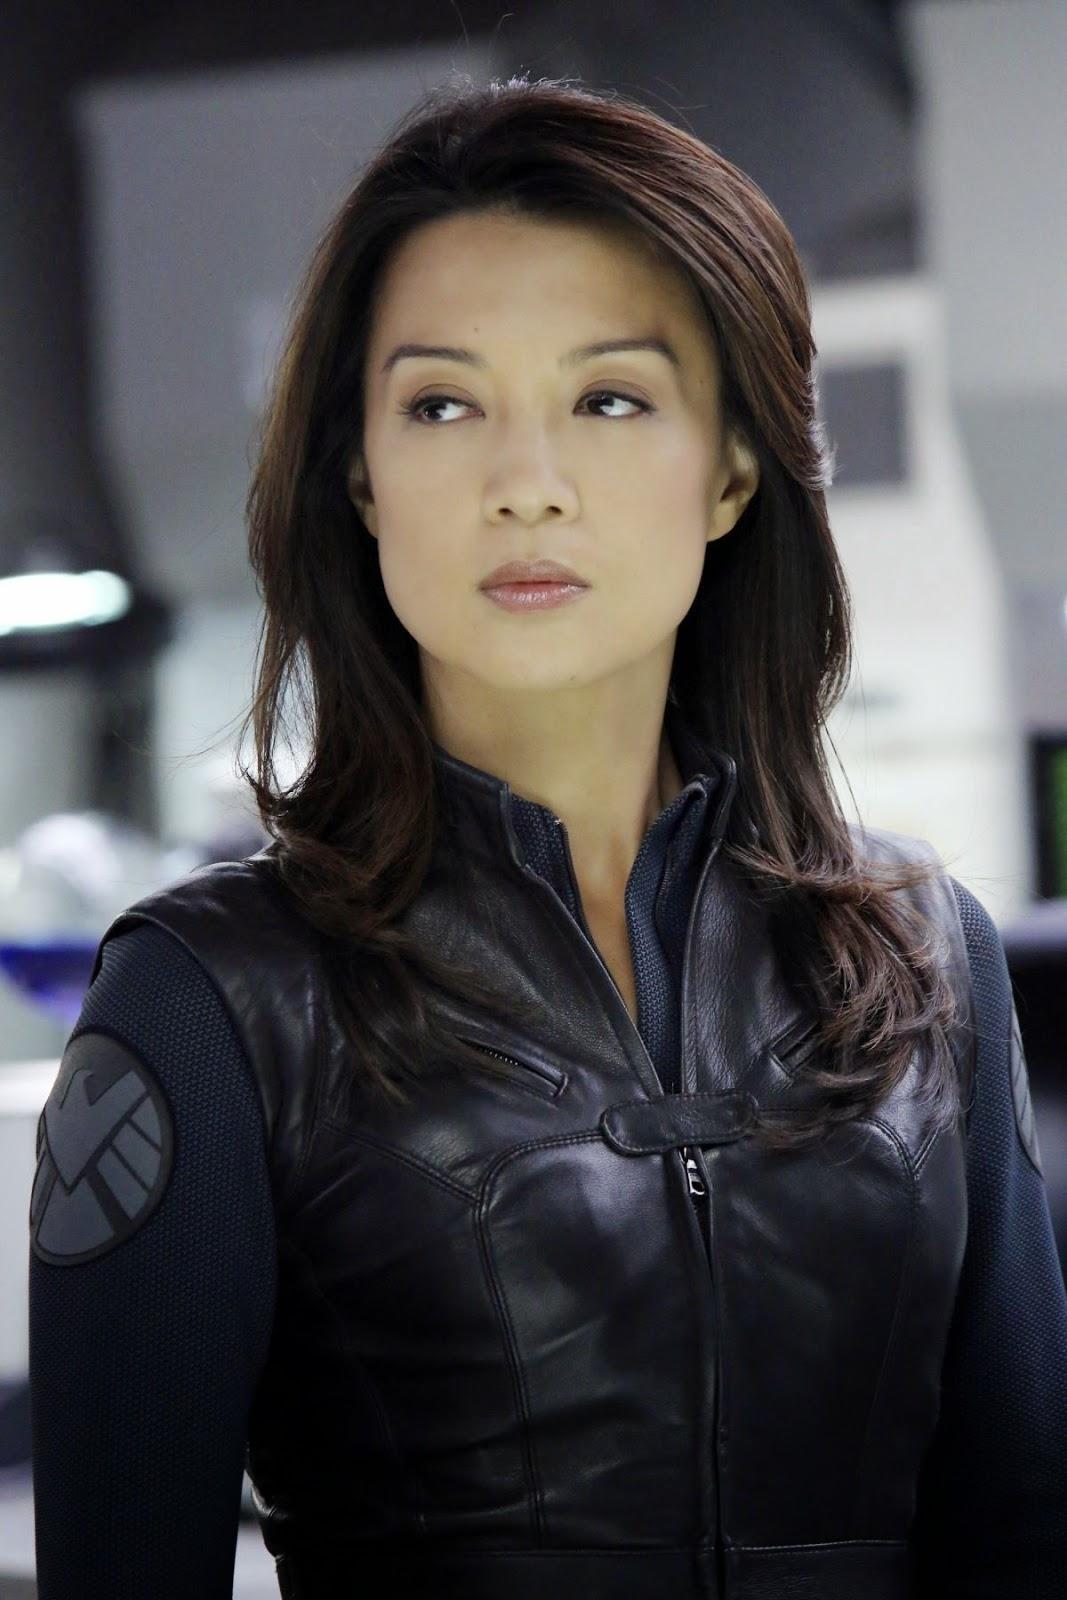 Post -- Marvel's Agentes de  S.H.I.E.L.D -- Temporada 4 -- 20 de Septiembre - Página 15 Ming-na-wen-at-marvel-s-agents-of-s.h.i.e.l.d.-ep.-108_1